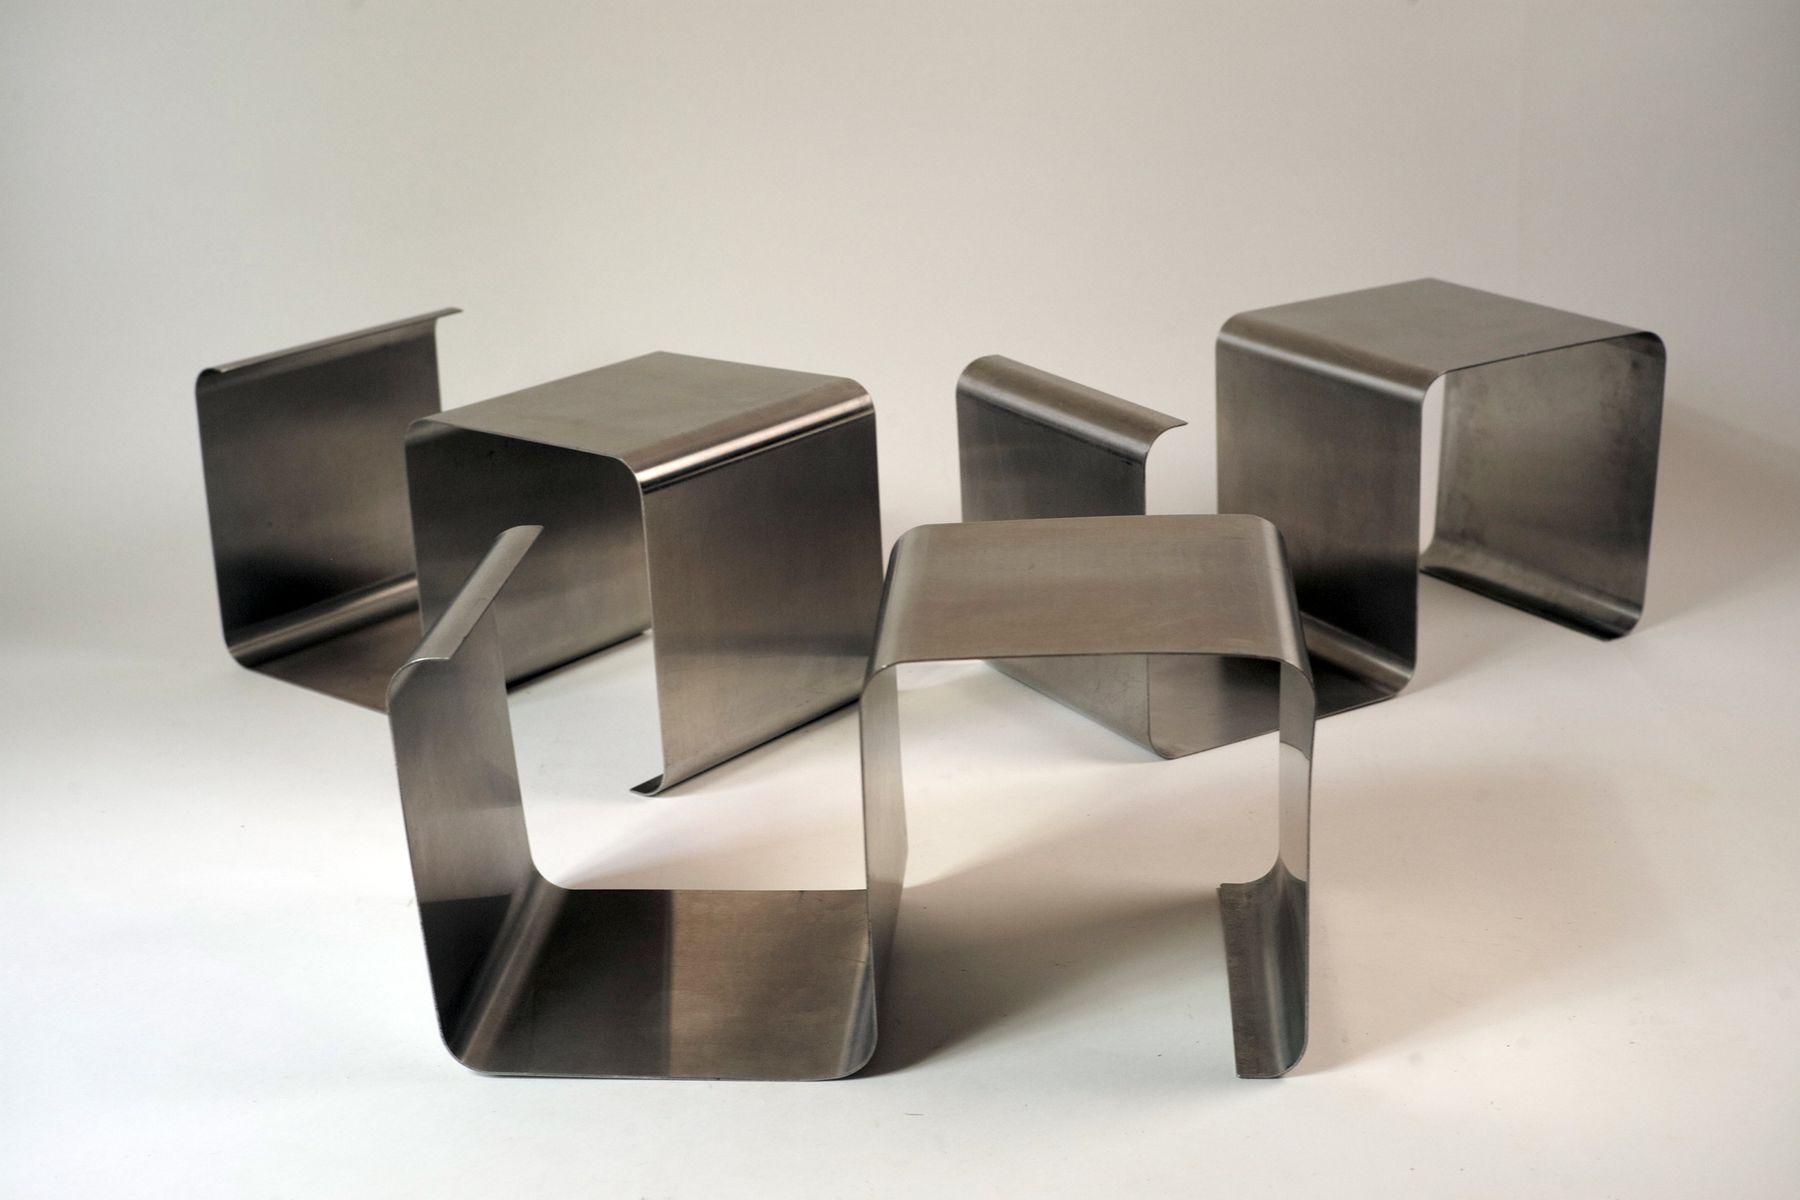 Unità di mensole impilabili in acciaio inossidabile di kappa